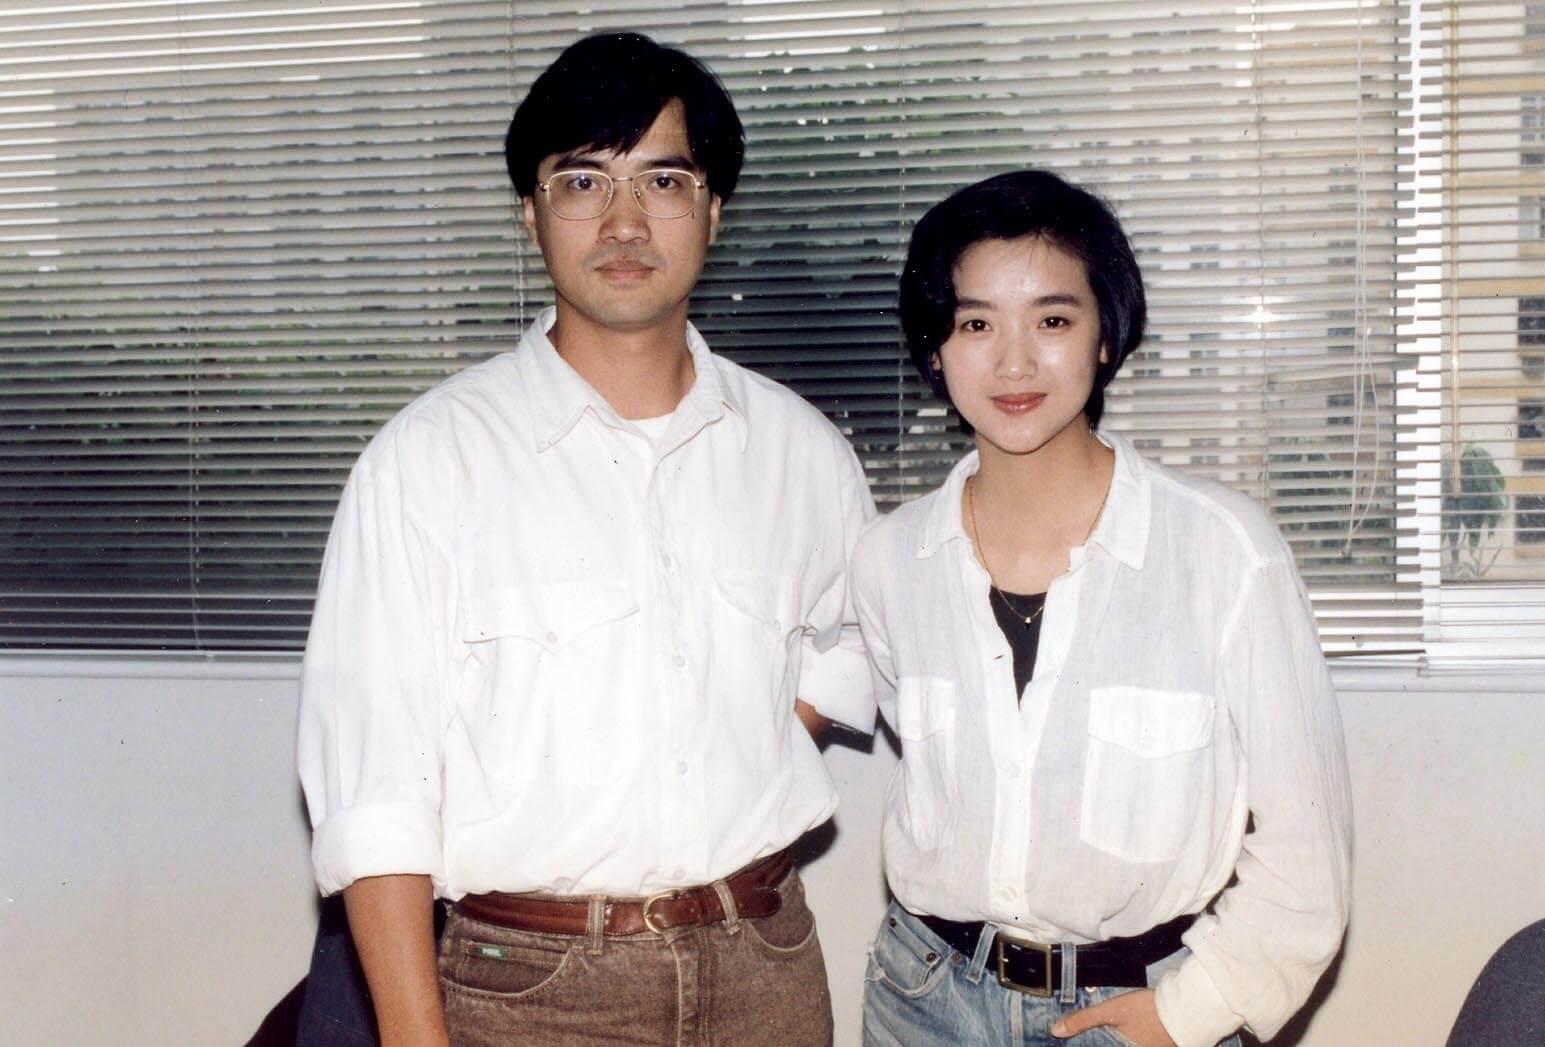 杜琪峰、王晶及林嶺東聯合做監製,想拍一部電影《天若有情》送給阿叔王天林,就讓陳木勝做導演,成為他的處女作,這部戲也讓吳倩蓮走紅了。